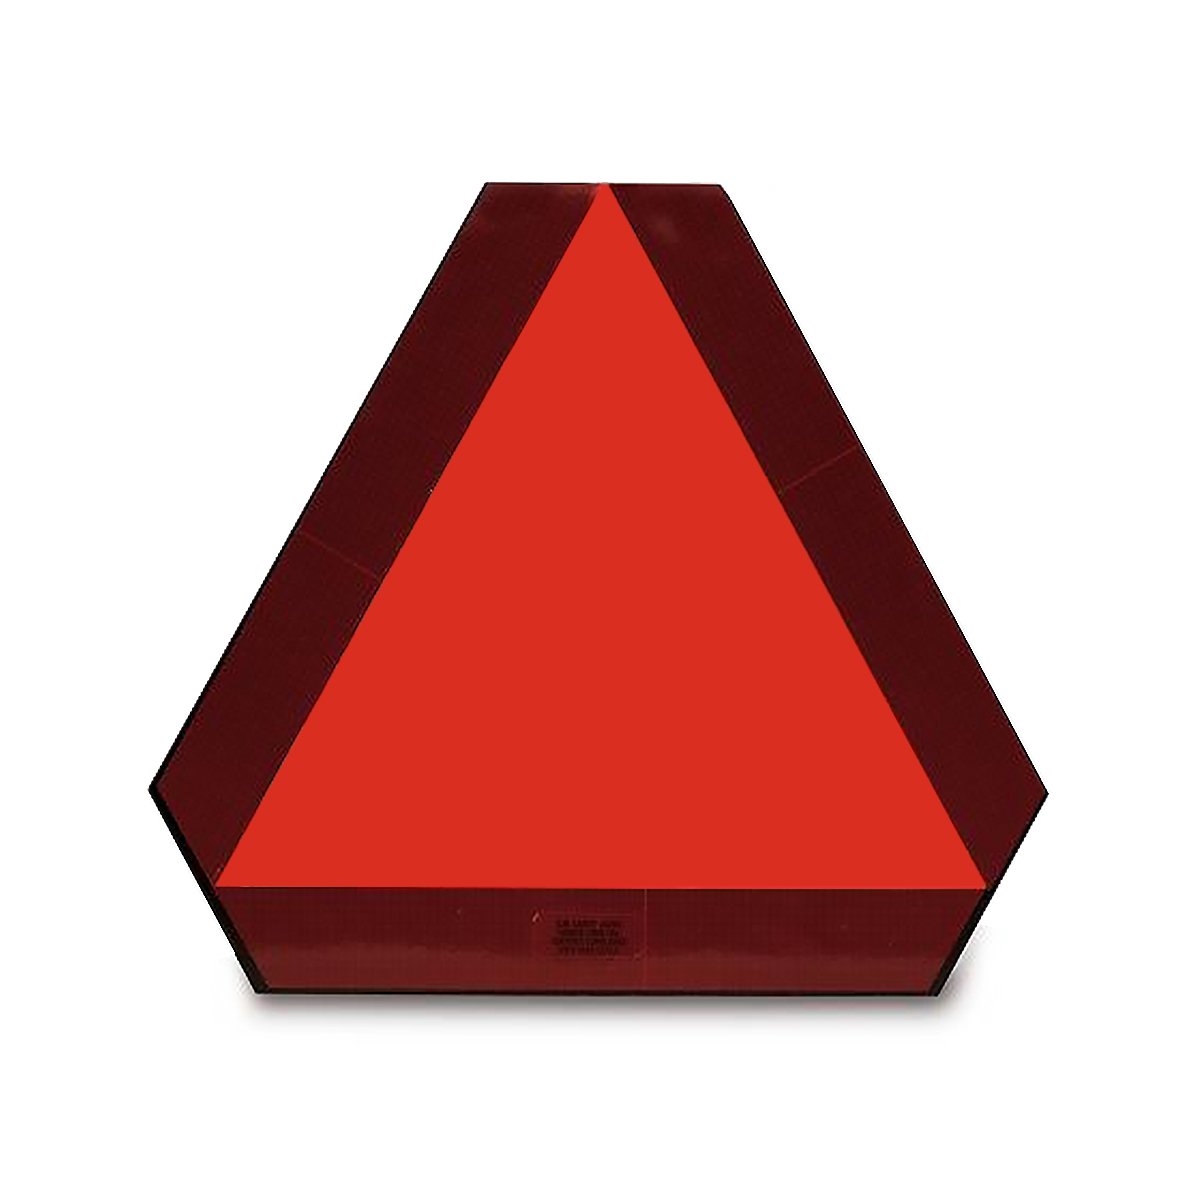 Adhesive Slow Moving Vehicle (SMV) Emblem